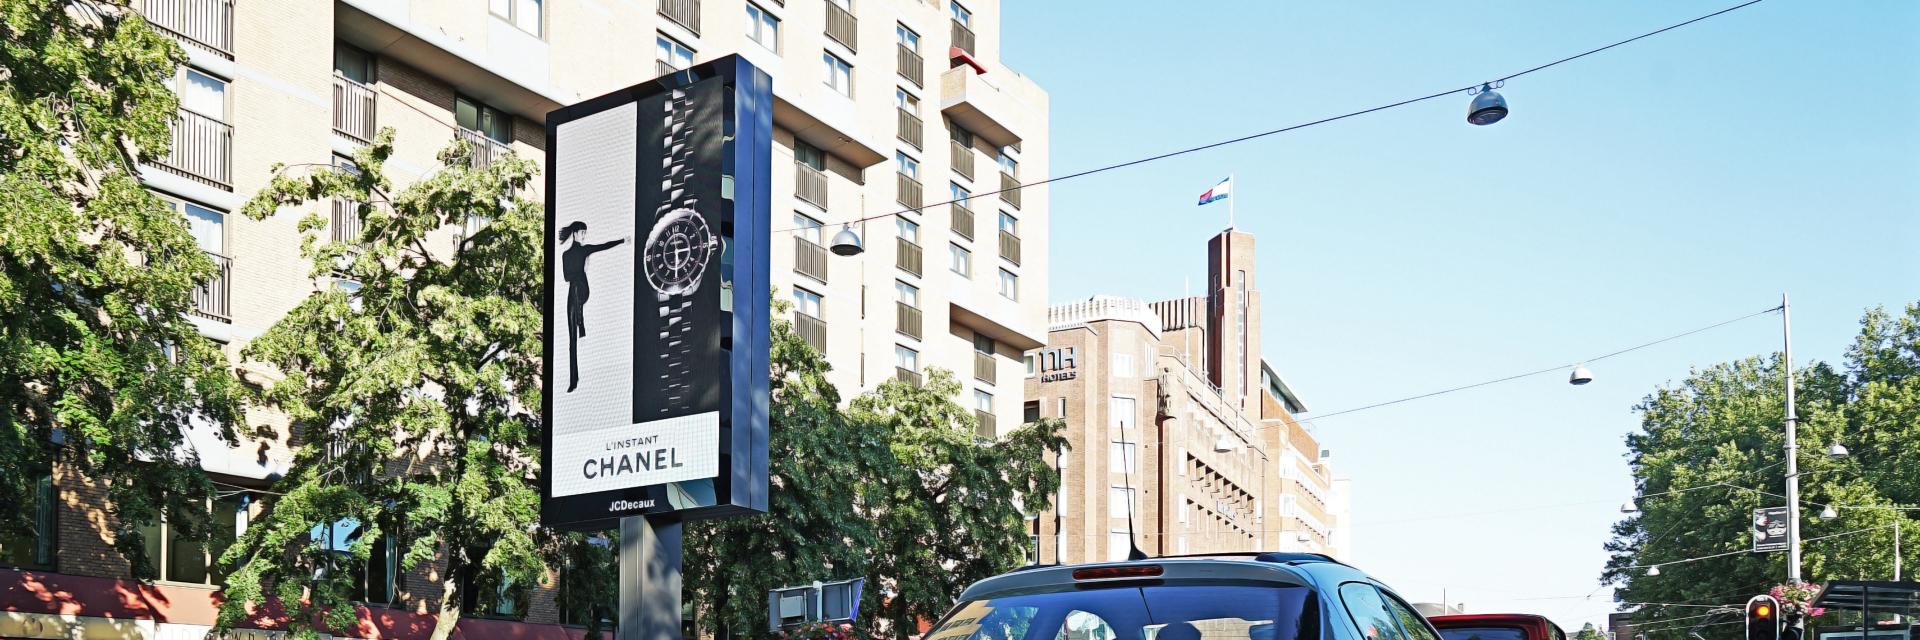 De Avenue brengt Buitenreclame naar een hoger niveau